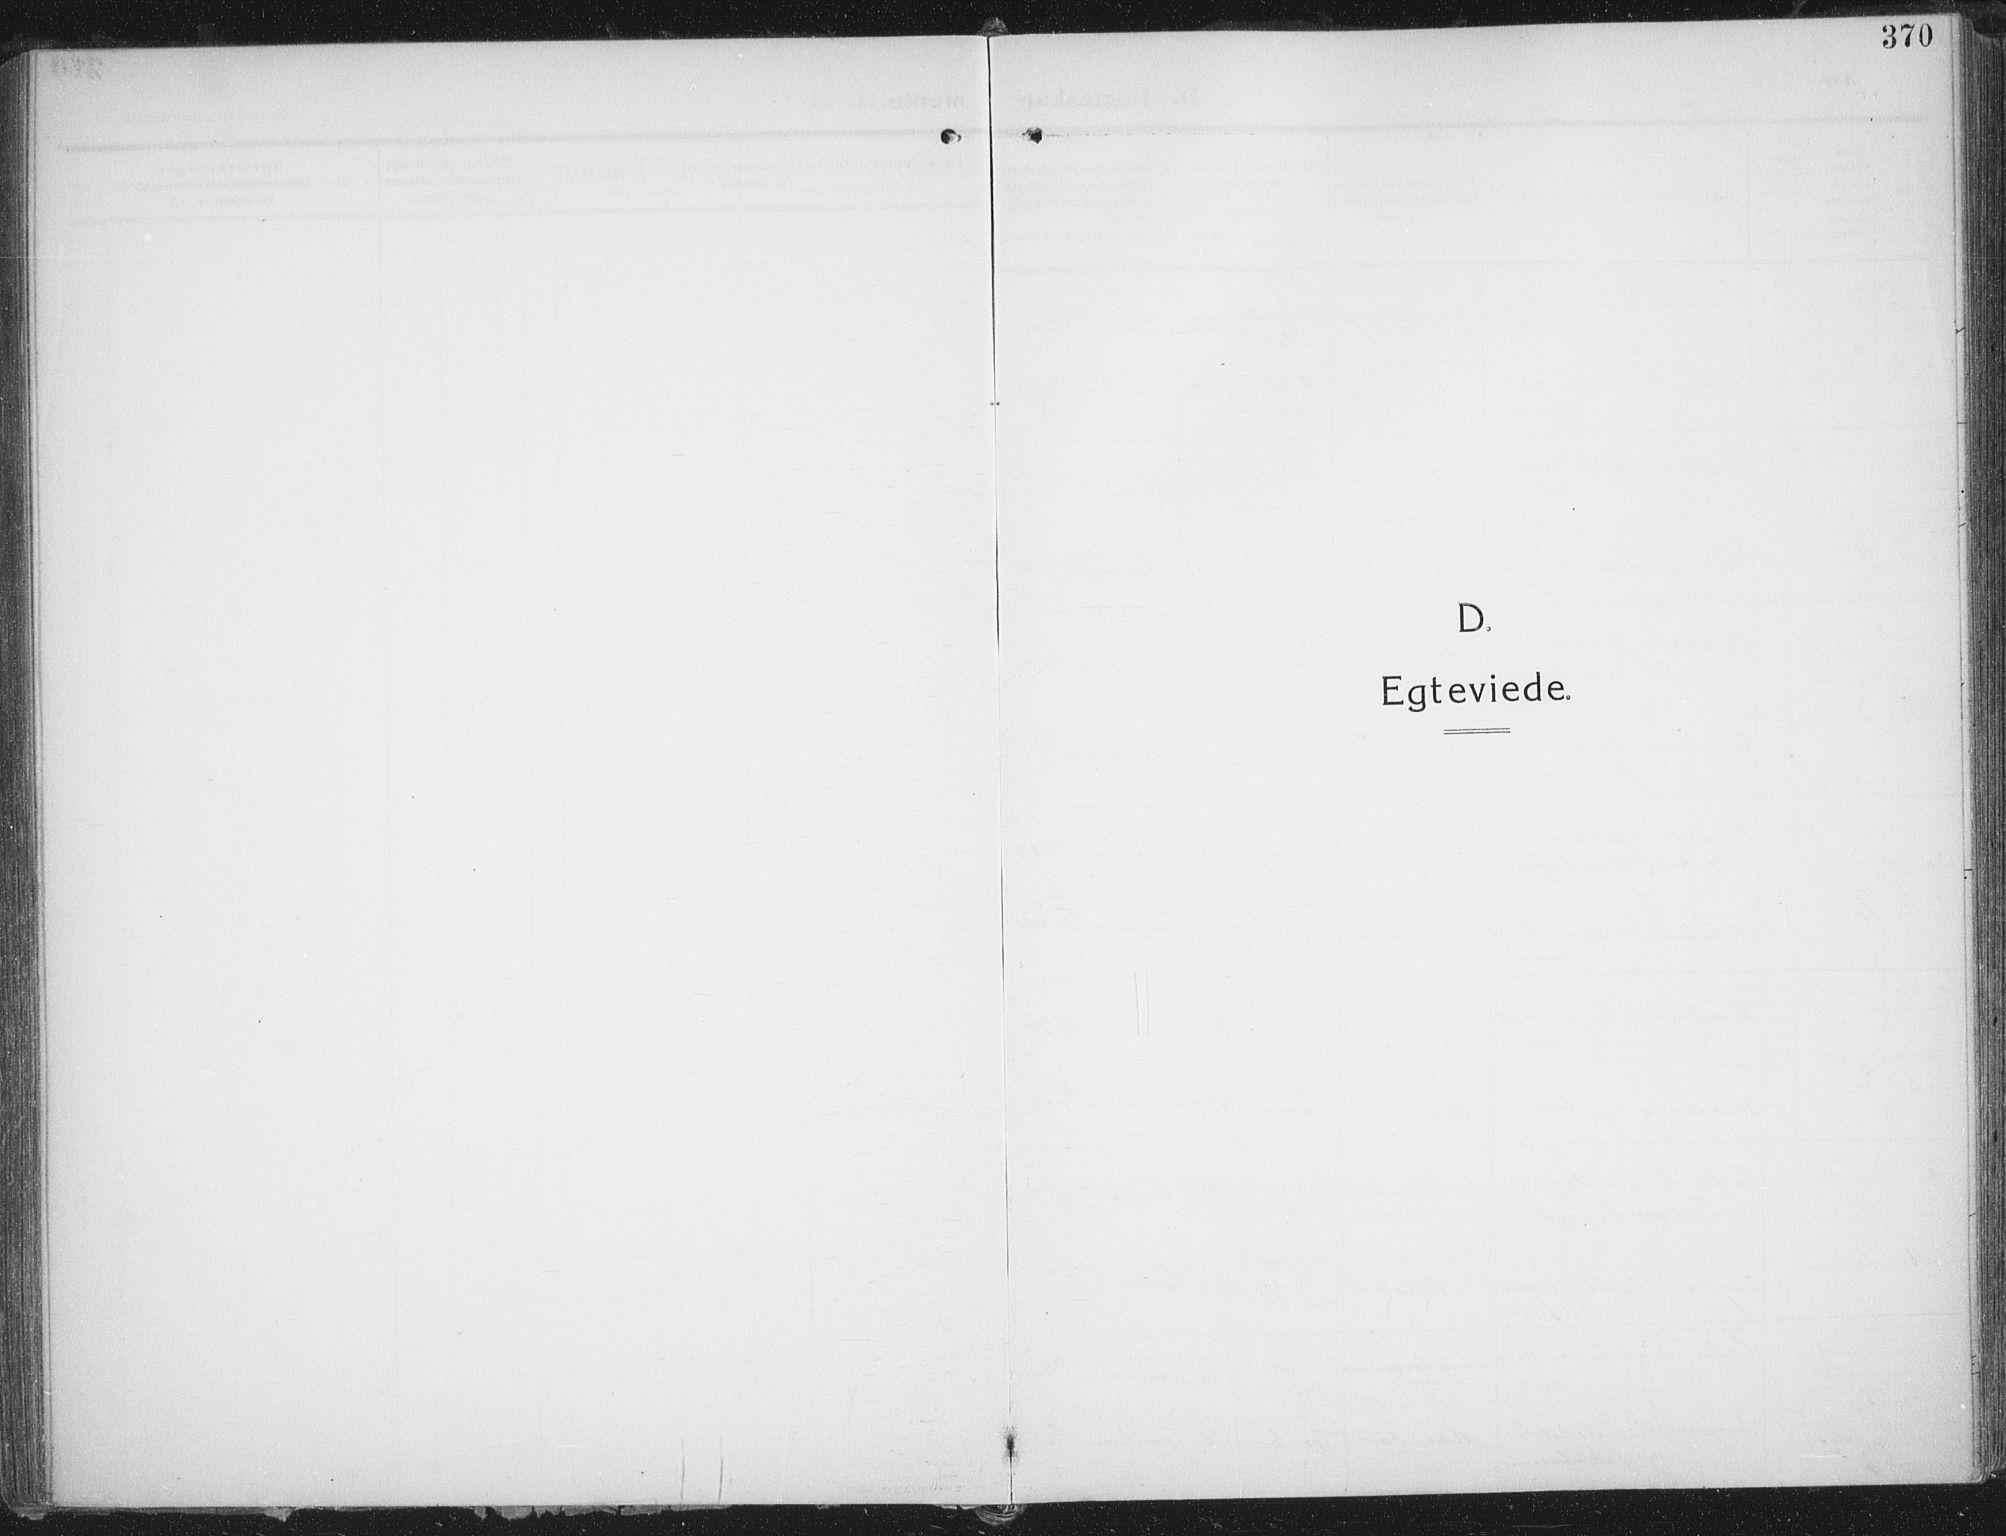 SATØ, Trondenes sokneprestkontor, H/Ha/L0018kirke: Ministerialbok nr. 18, 1909-1918, s. 370